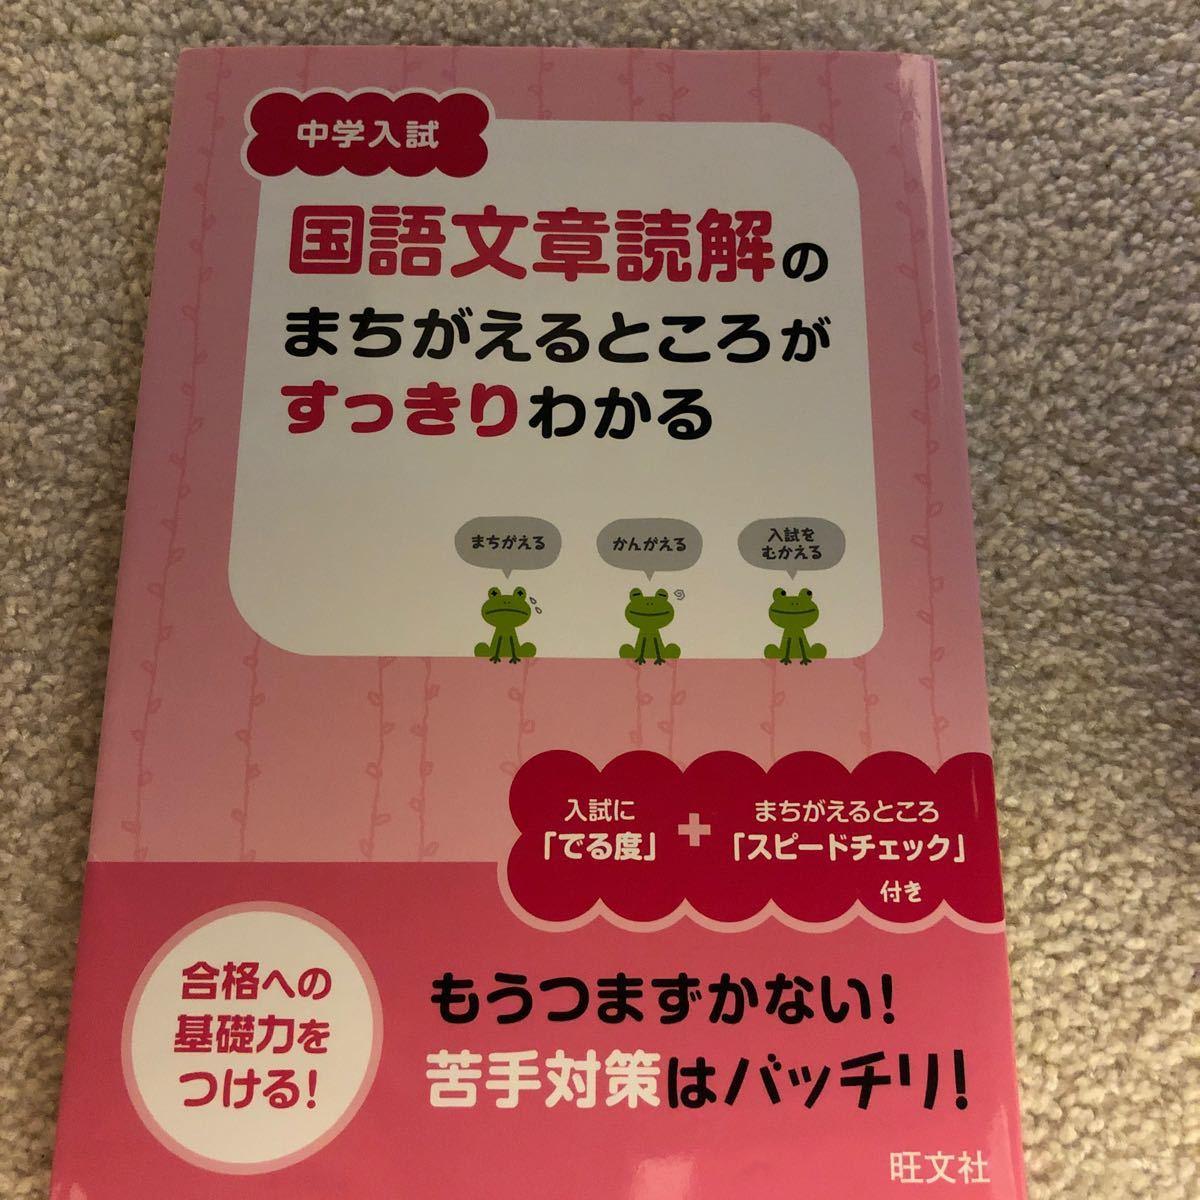 中学入試国語文章読解のまちがえるところがすっきりわかる   /旺文社